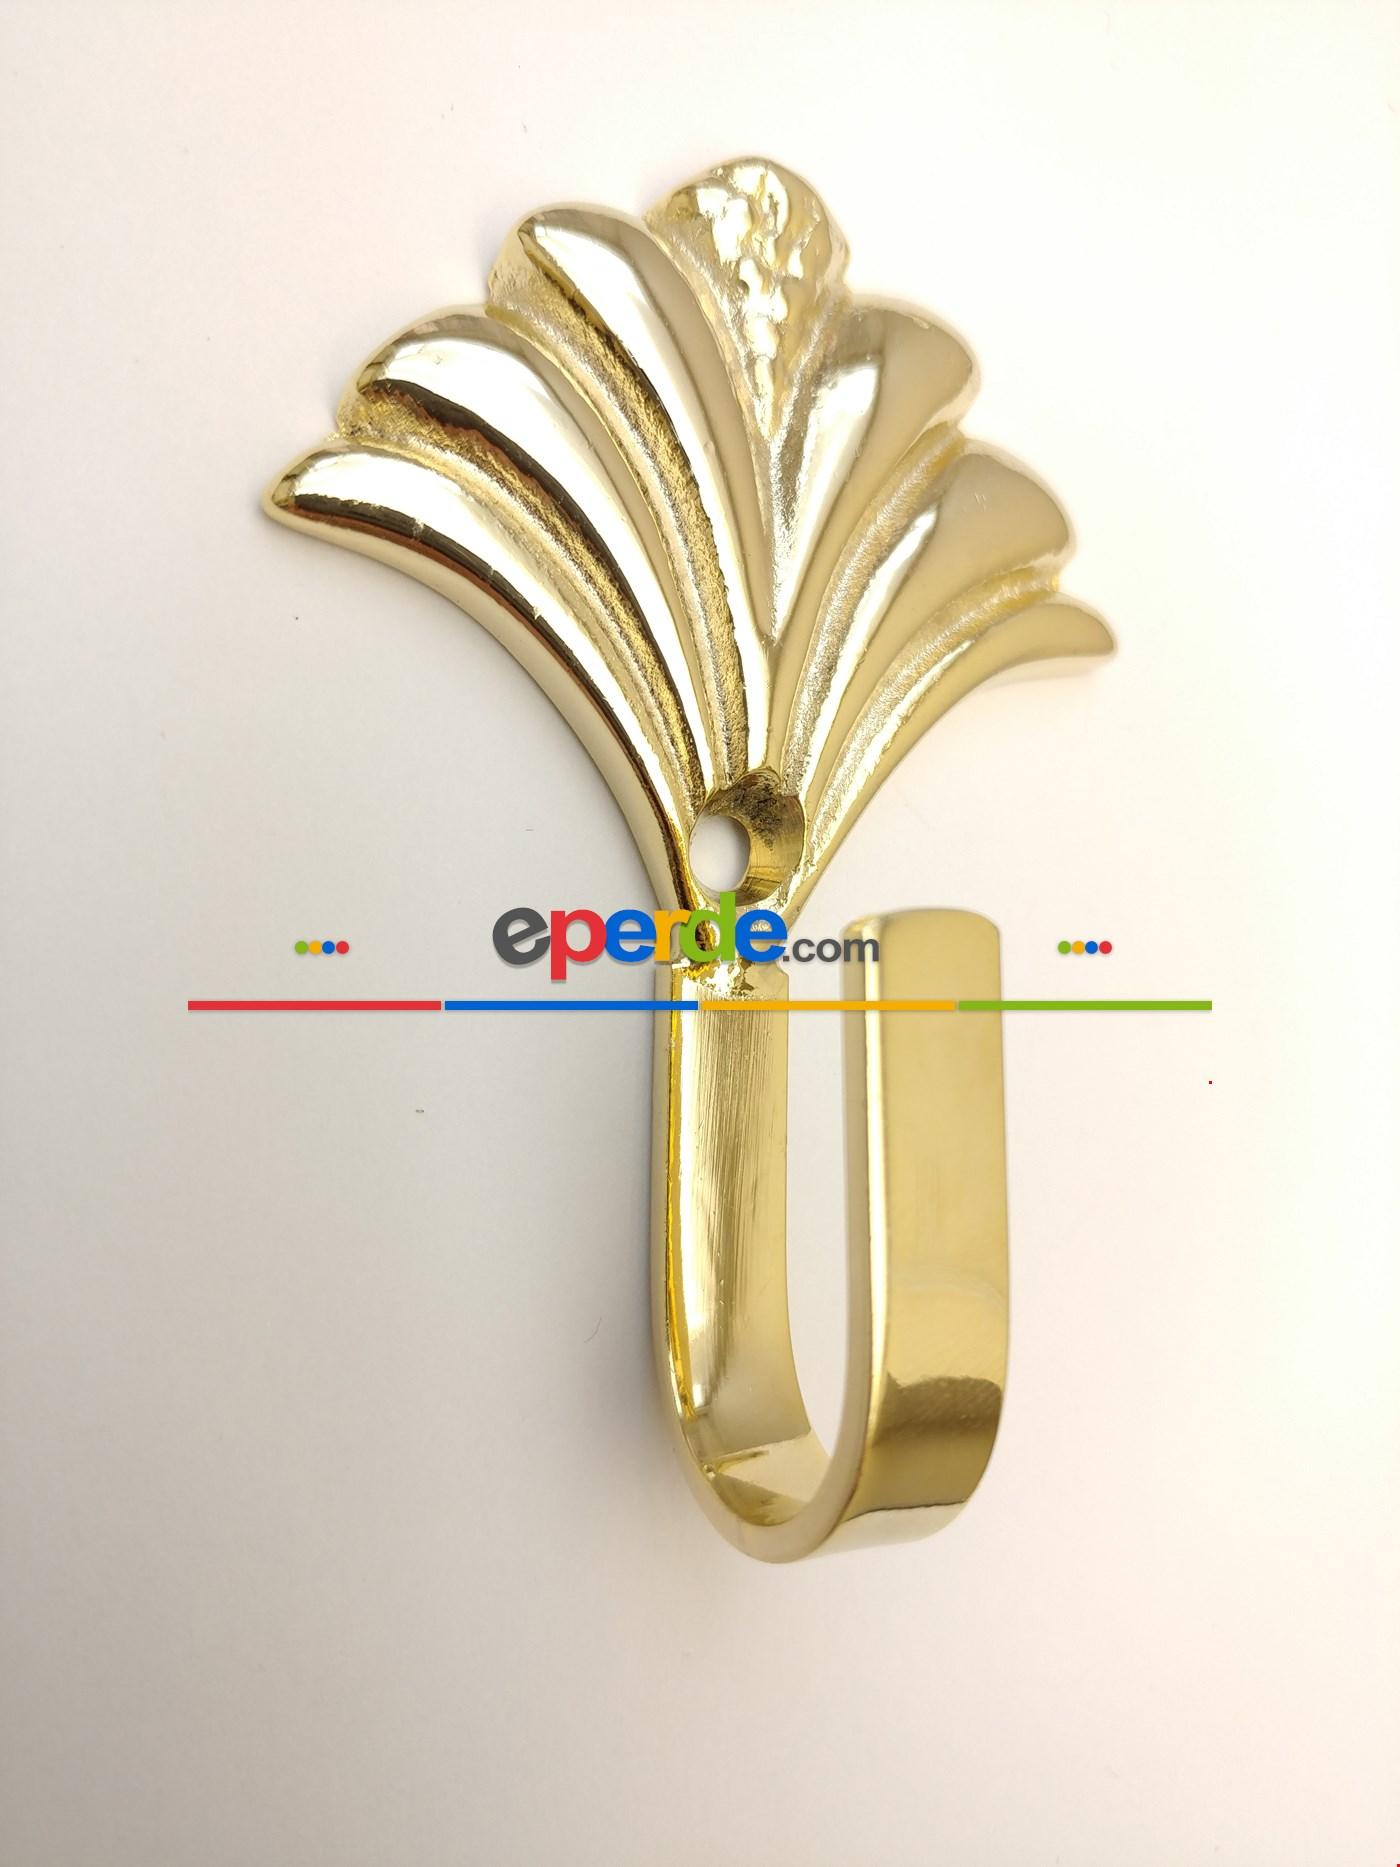 Perde Fon Demiri Prinç Paslanmaz Sarı Malzeme Altın